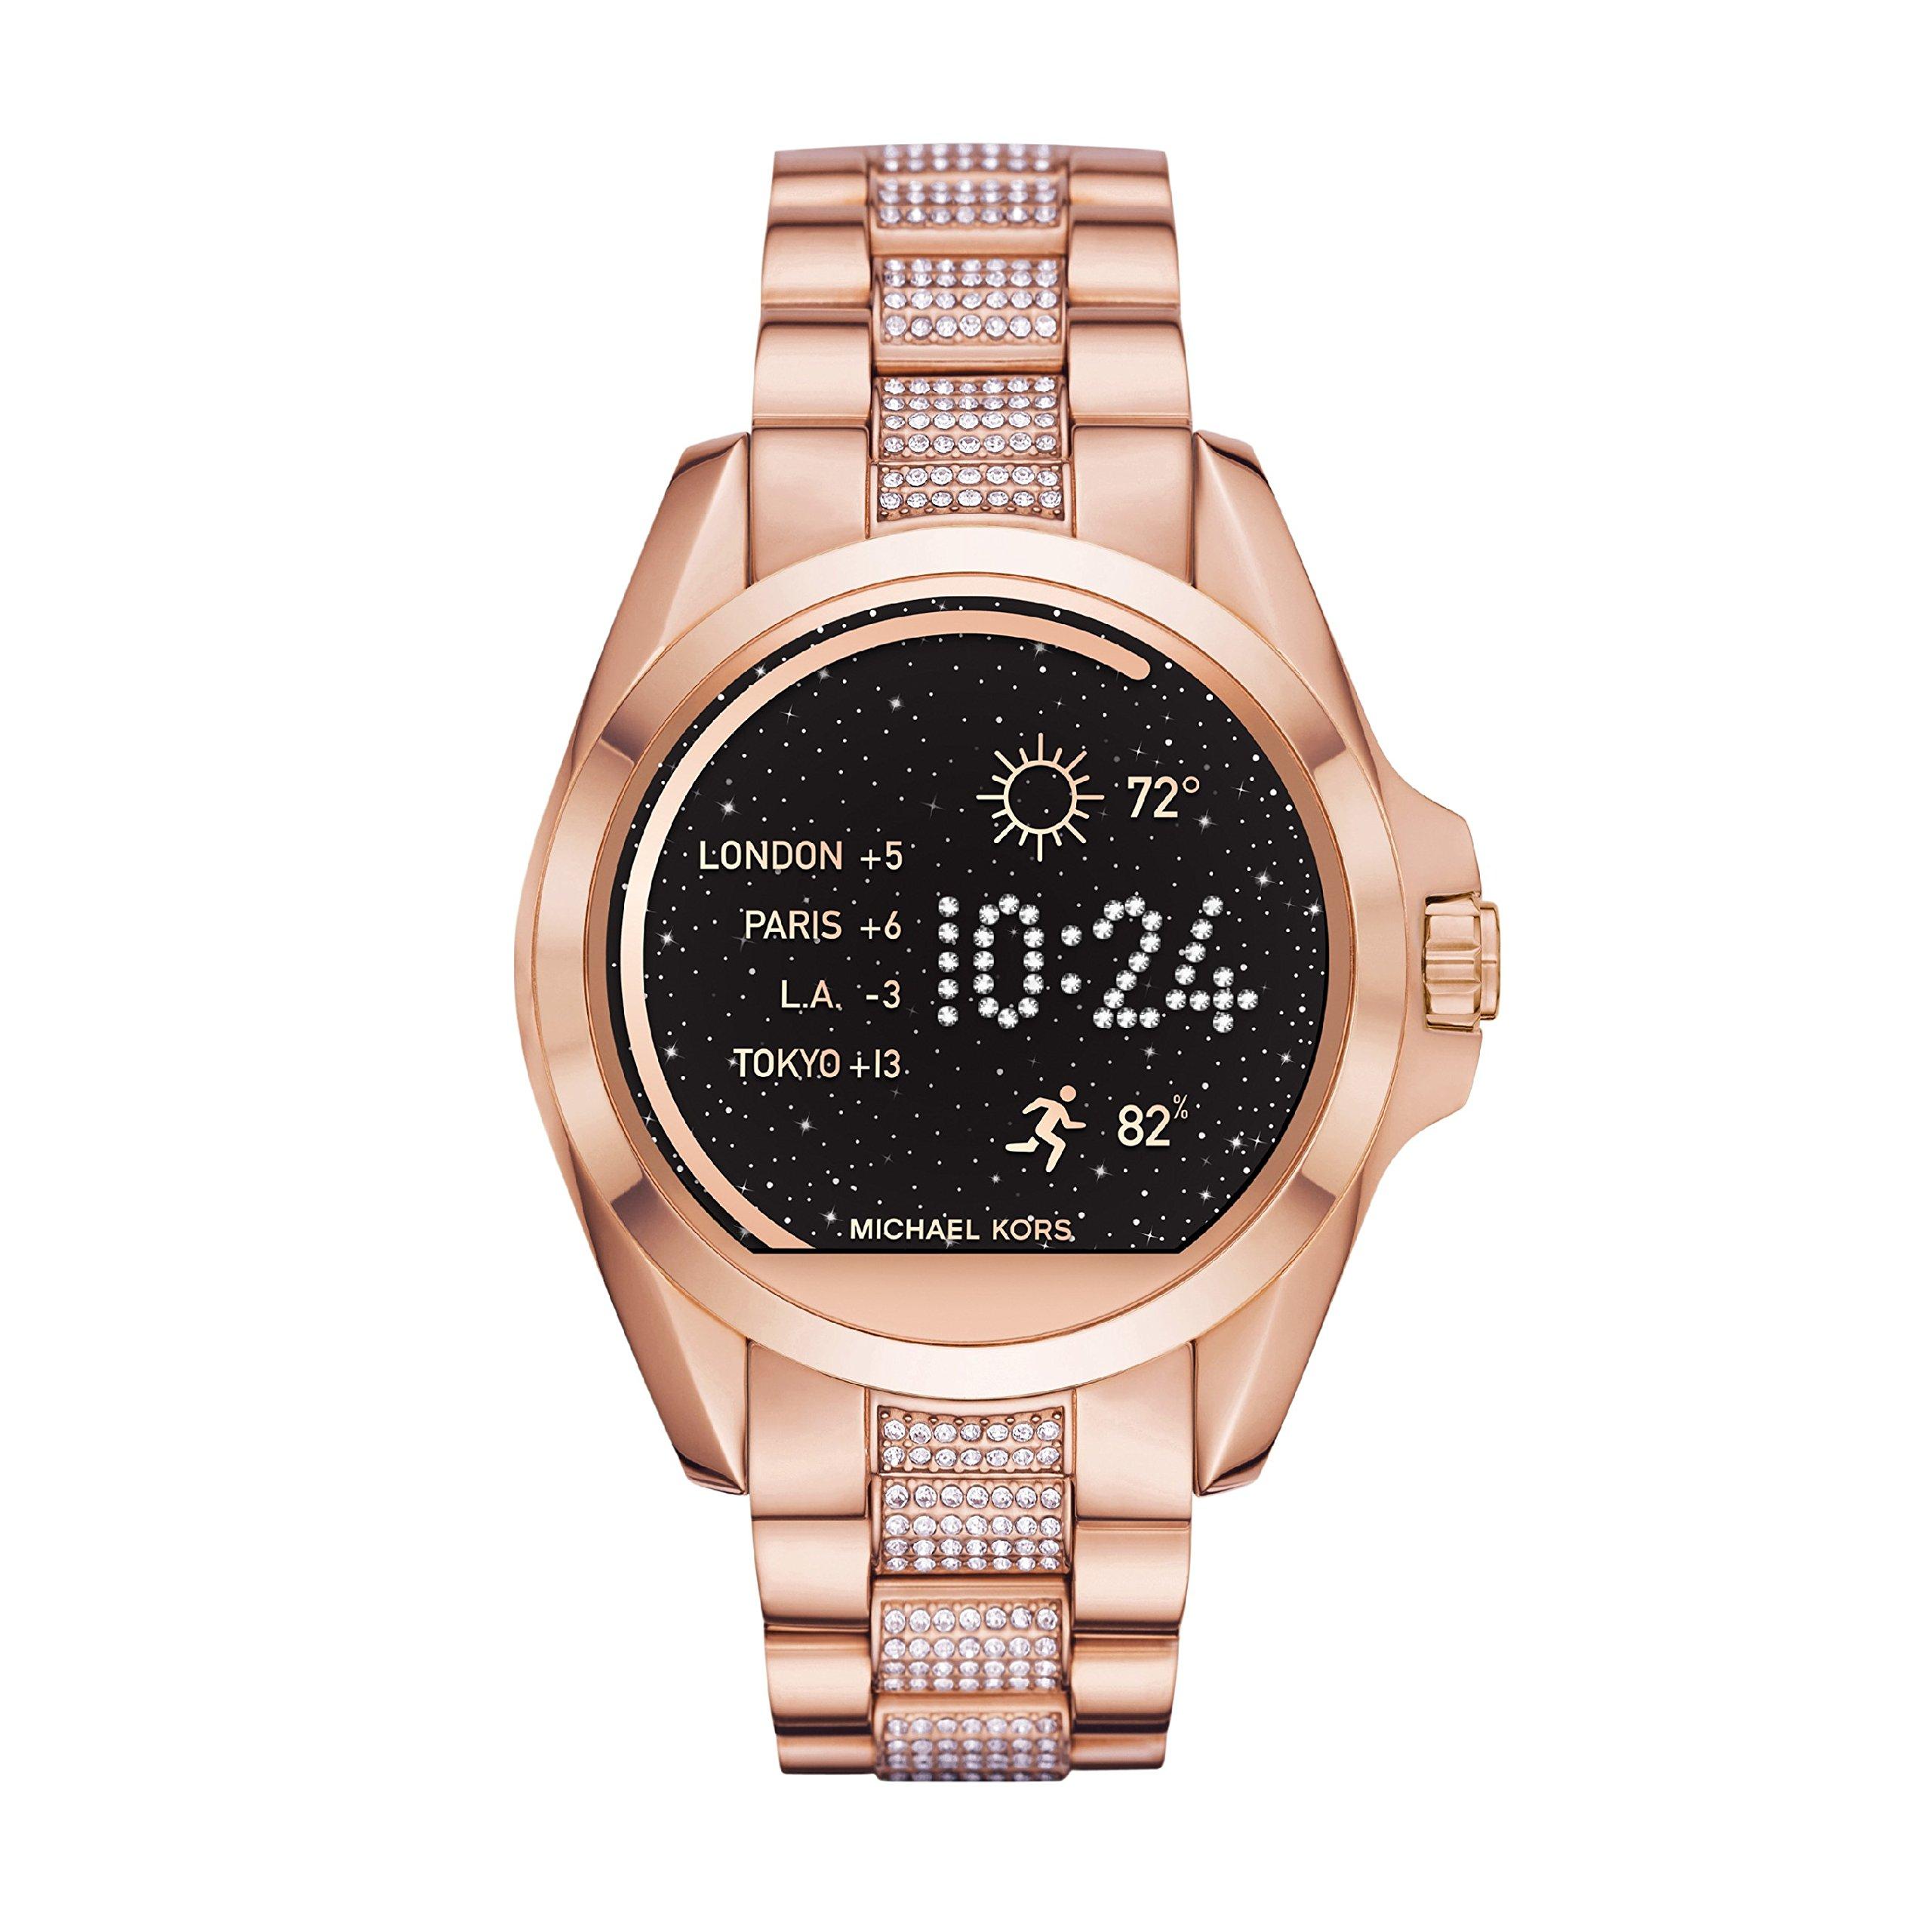 MICHAEL KORS BRADSHAW smartwatch MKT5018